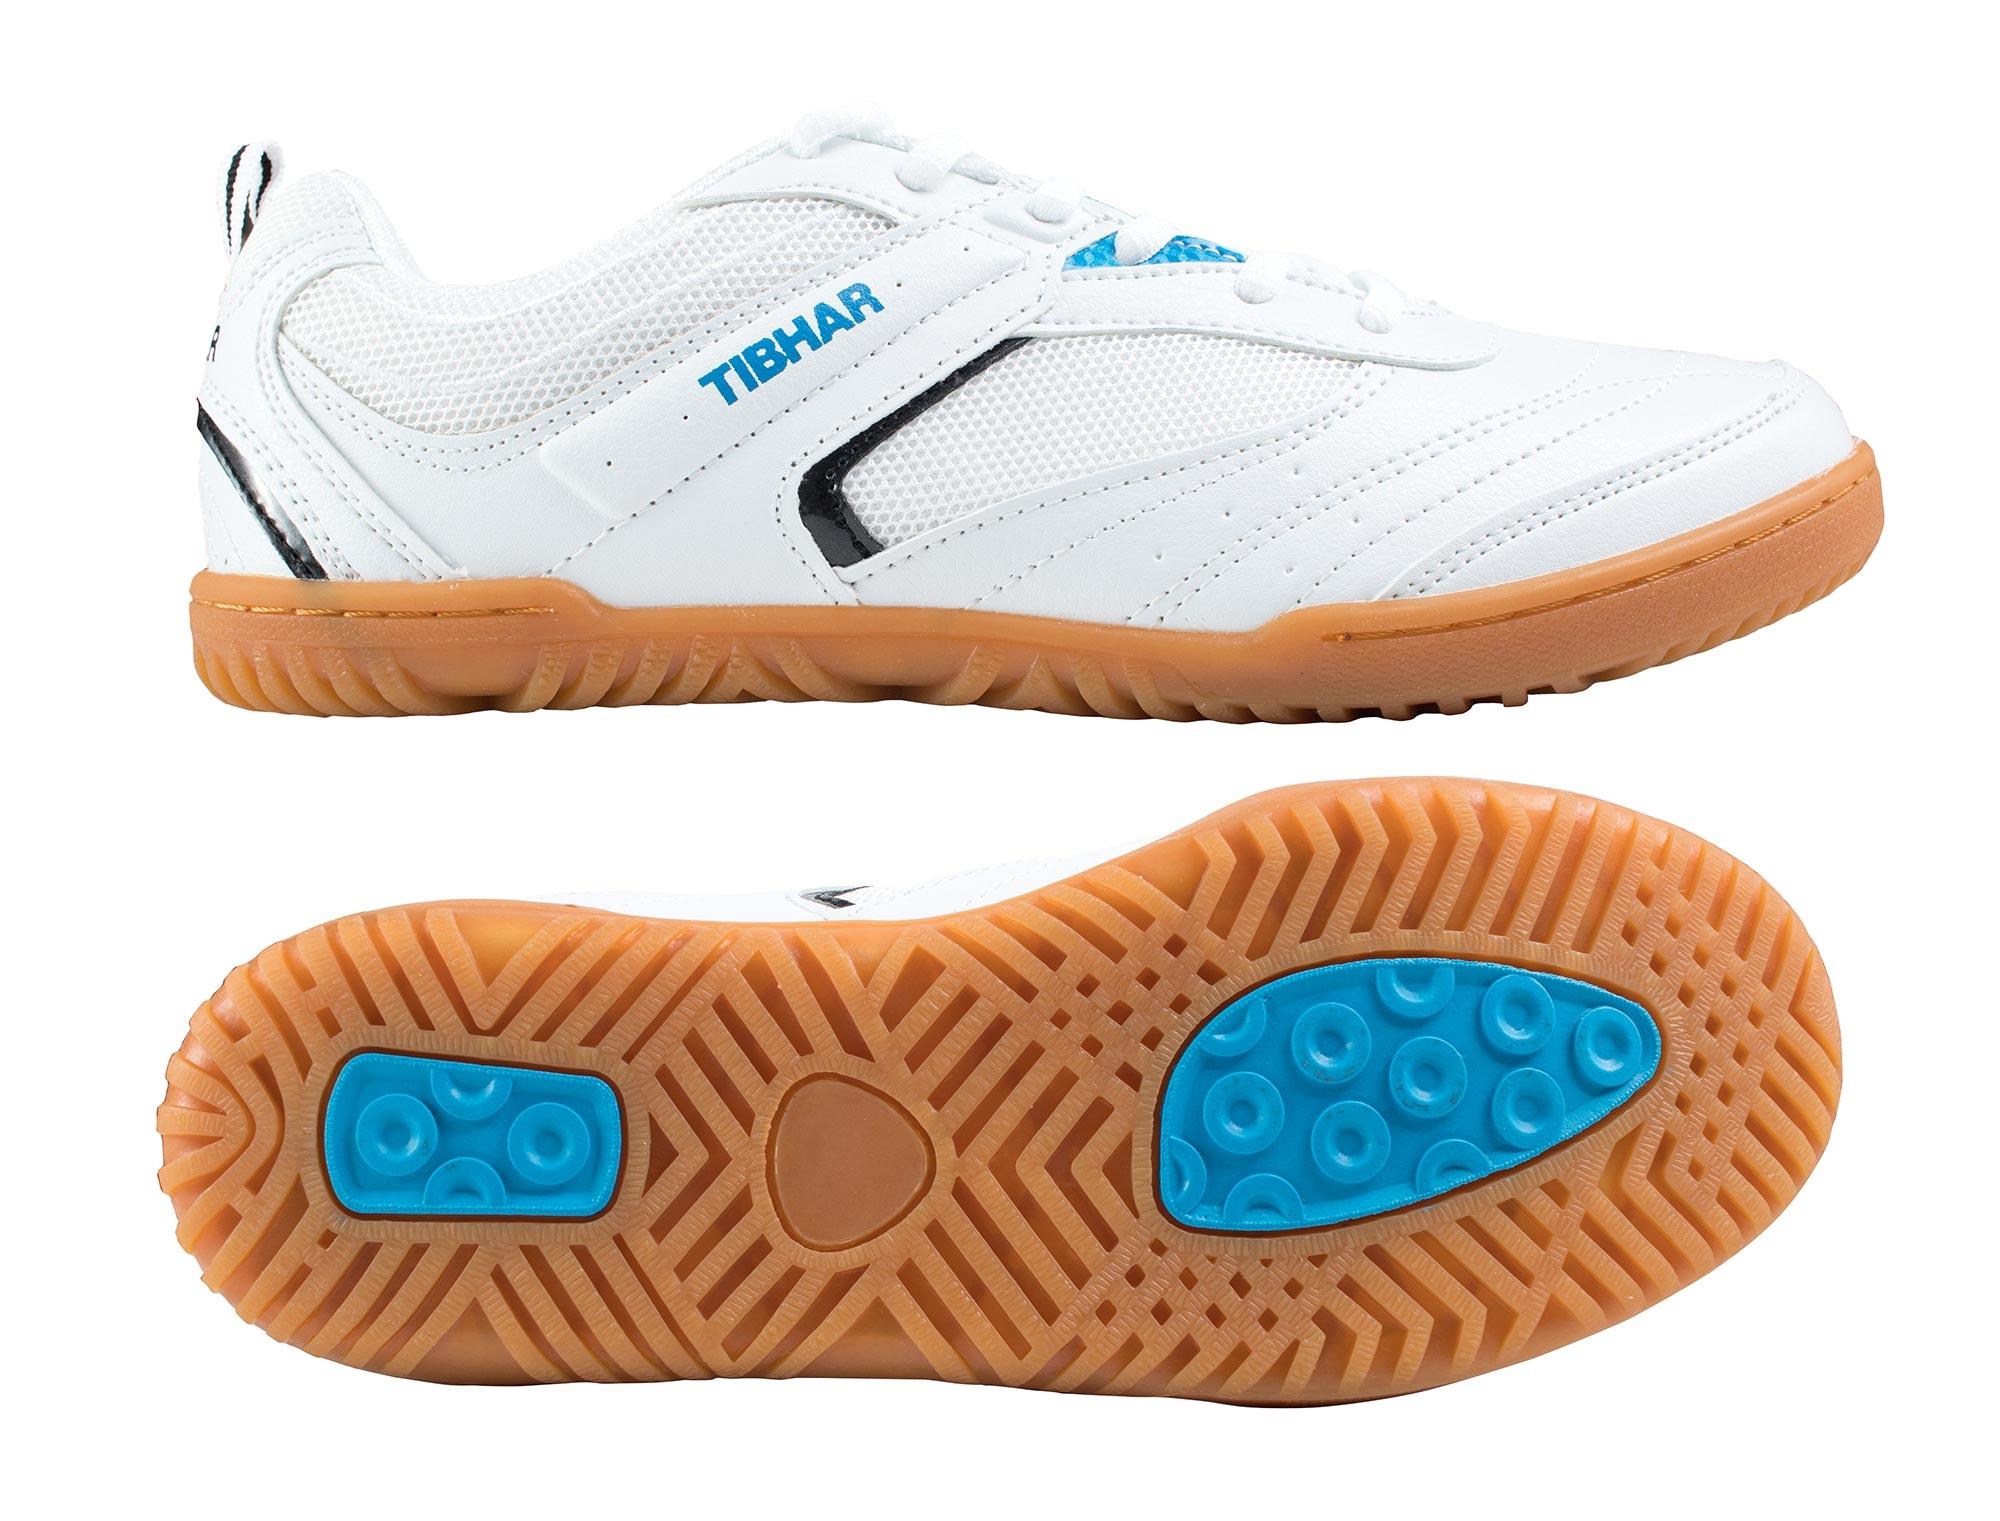 TIBHAR SUPER POWER  Tischtennis Schuh leicht Schuh Badminton Tischtennis Squash